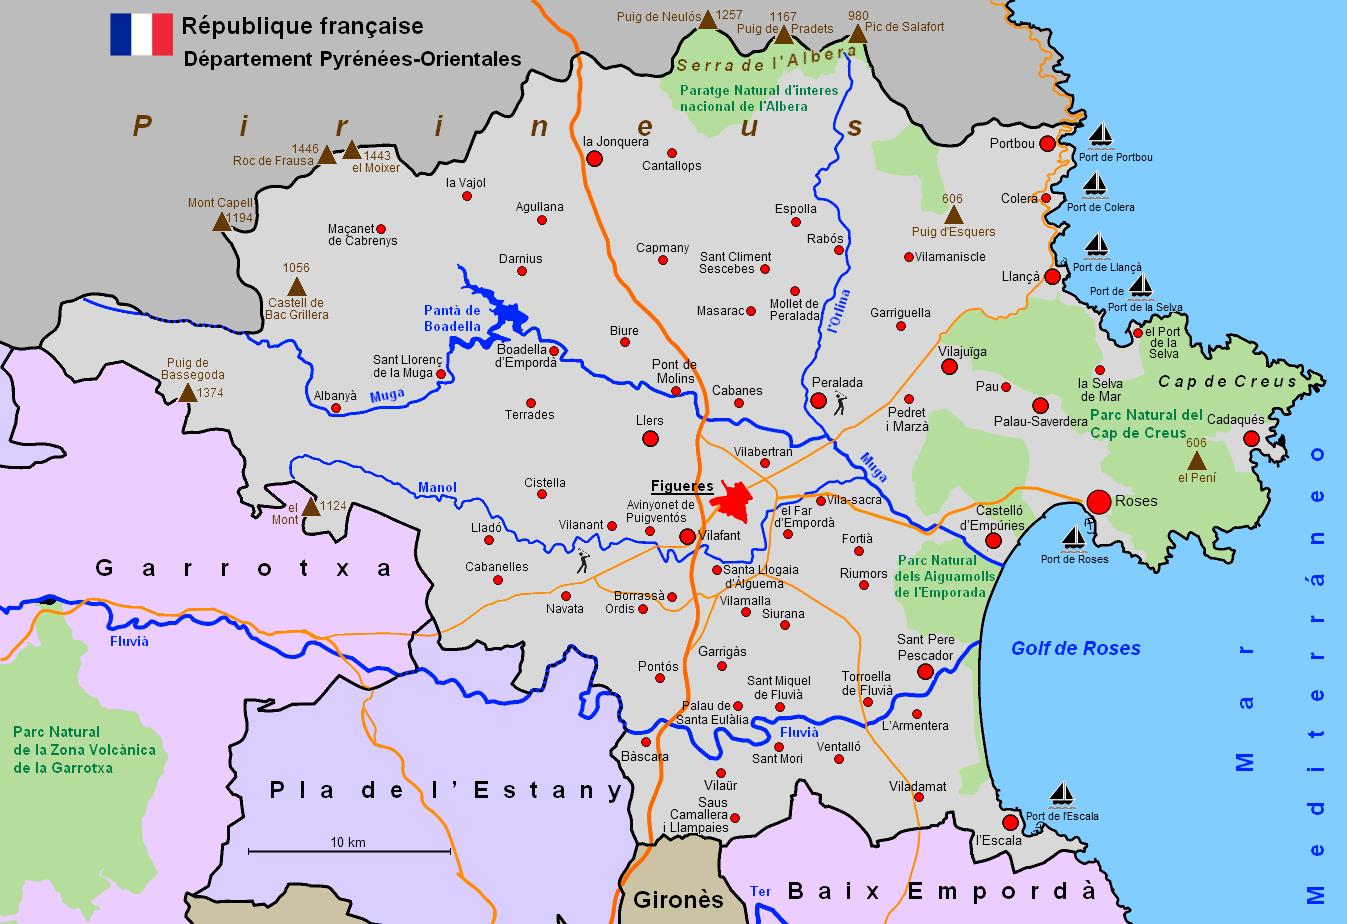 Mapa De Alt Emporda.File Alt Emporda Png Wikimedia Commons